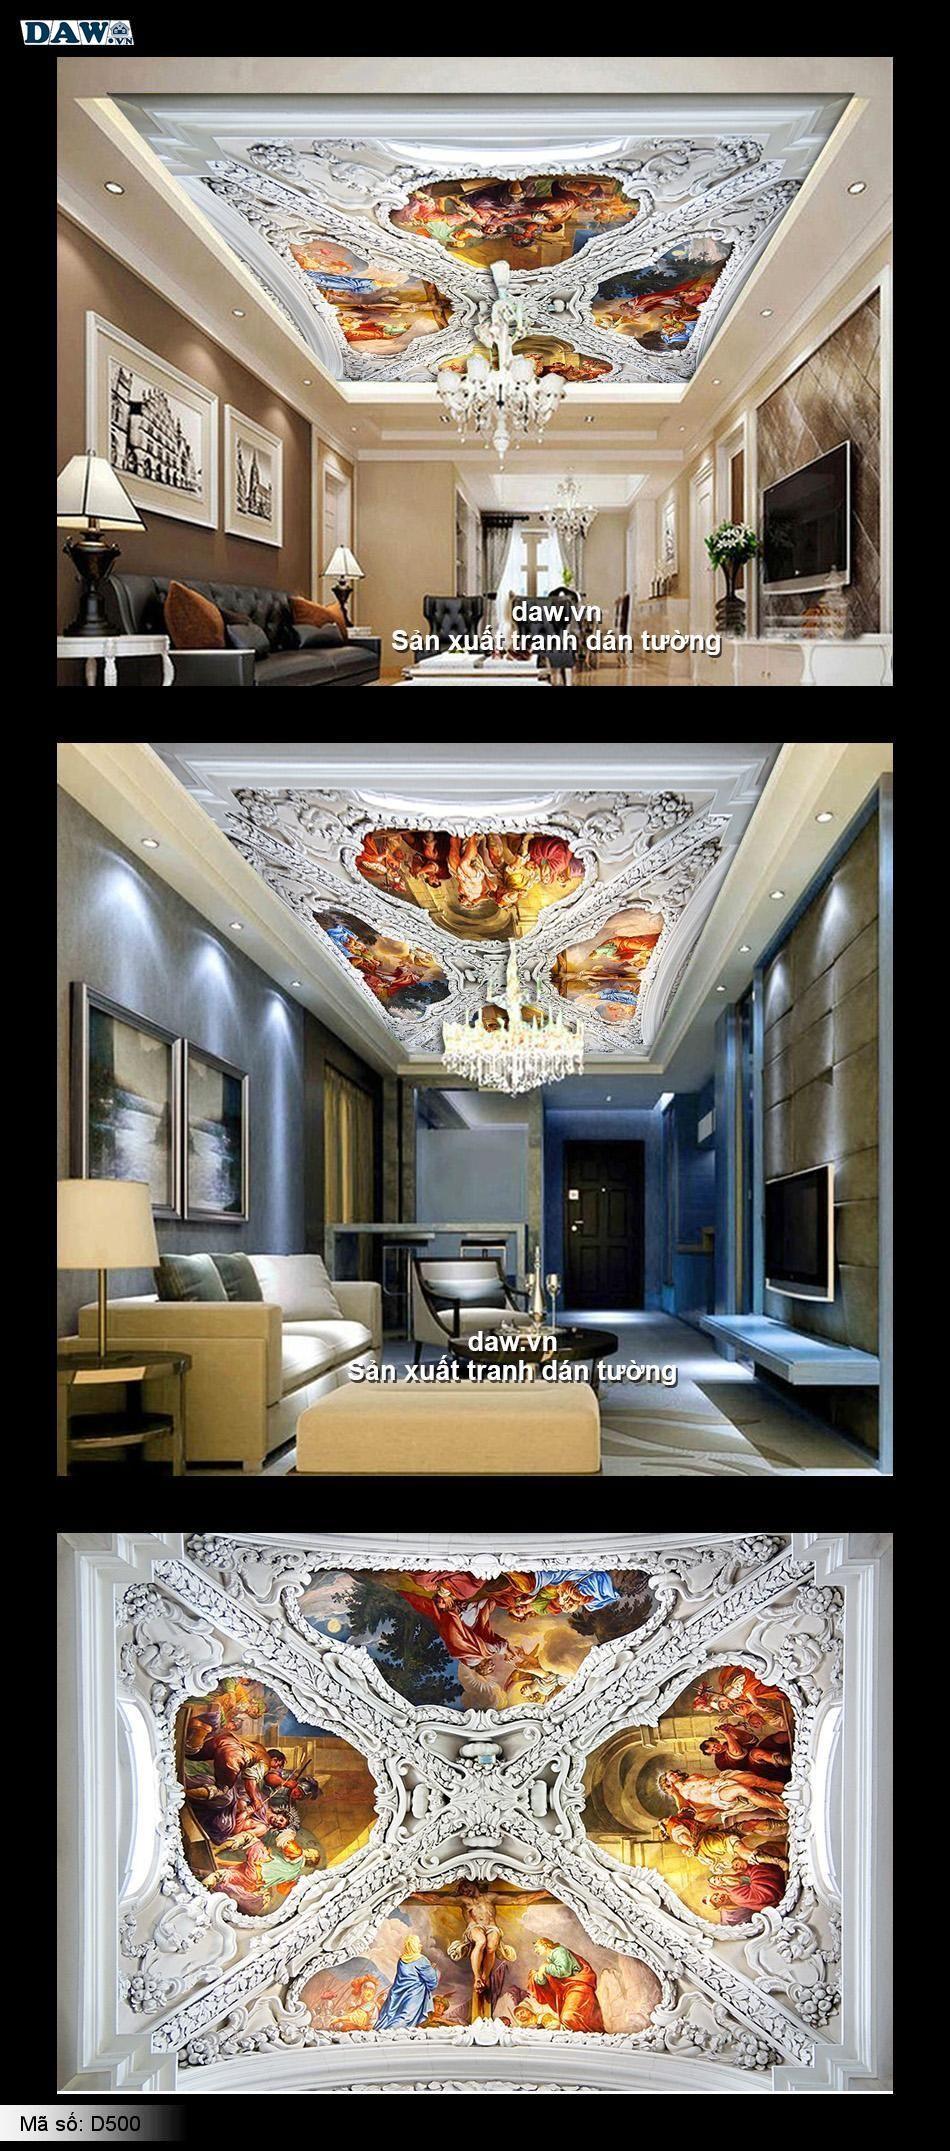 Tranh dán trần | trần nhà đẹp | trần nhà 3D D500